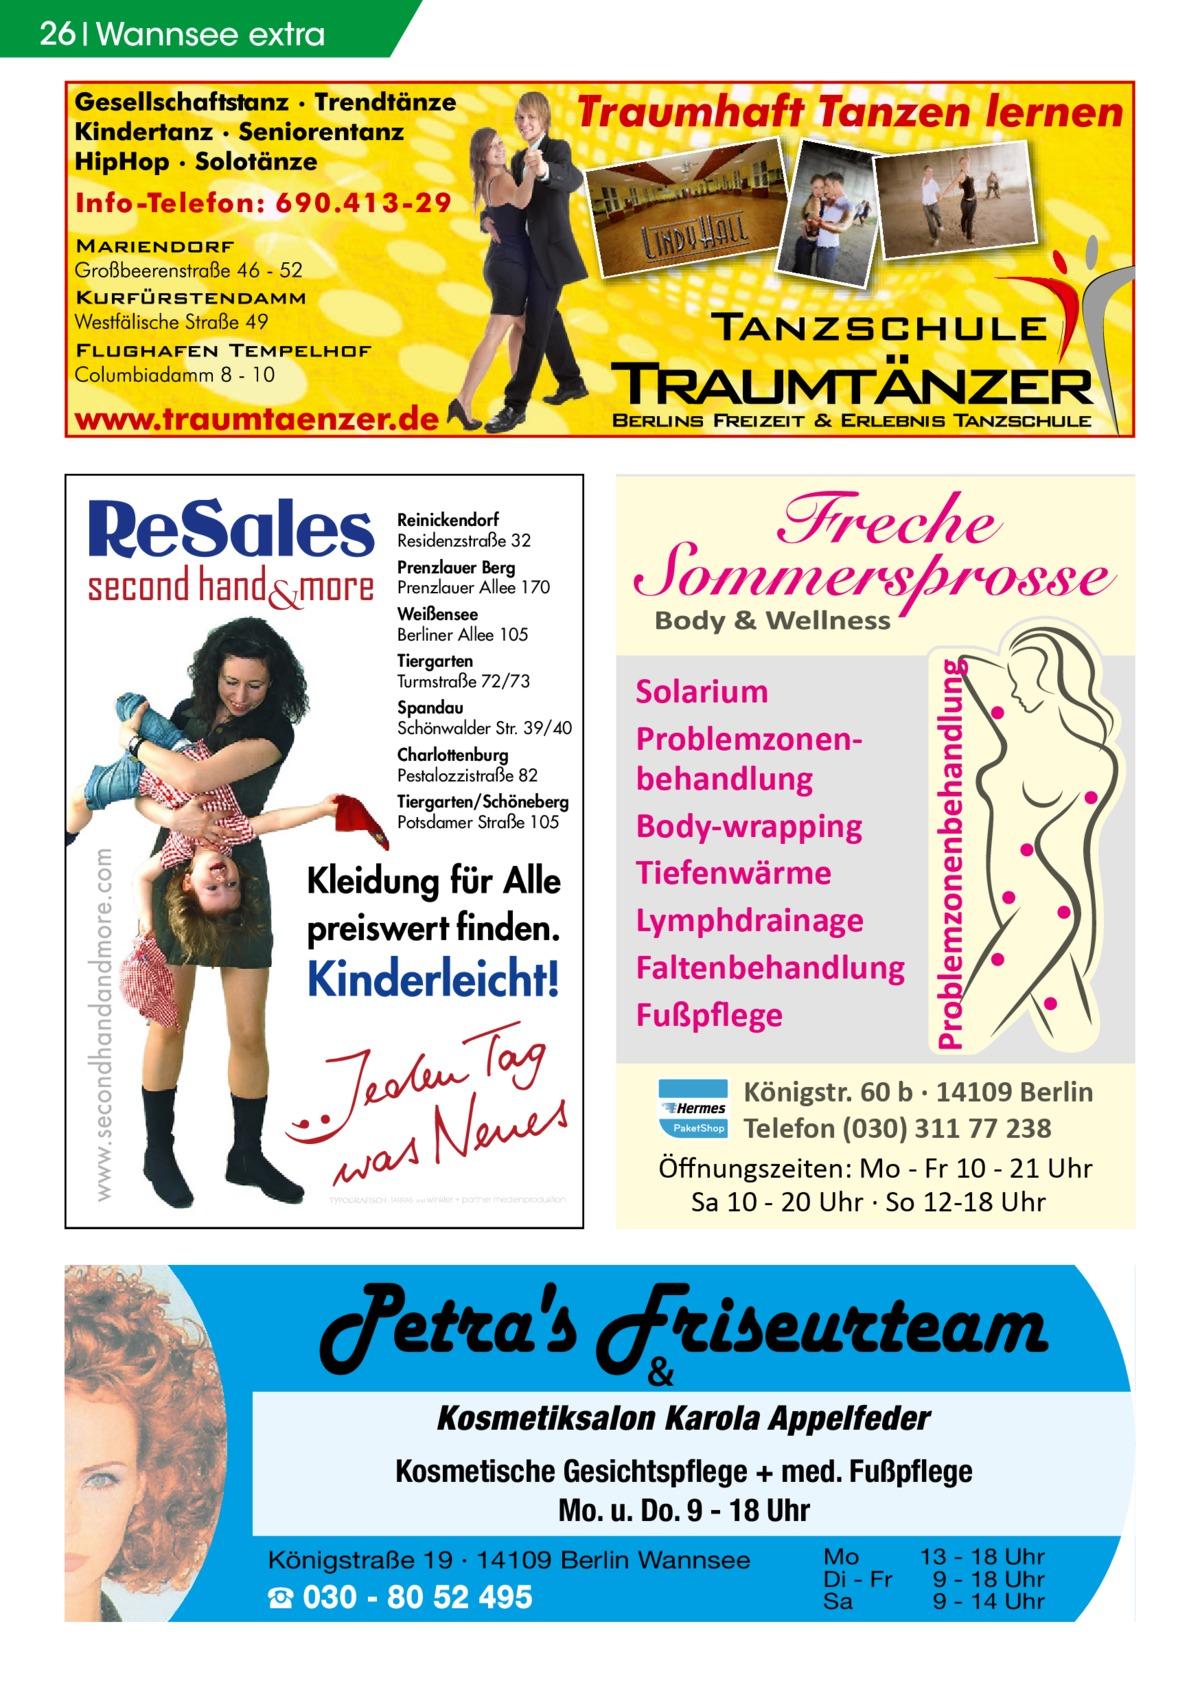 26 Wannsee extra  Reinickendorf Residenzstraße 32 Prenzlauer Berg Prenzlauer Allee 170 Weißensee Berliner Allee 105 Tiergarten Turmstraße 72/73 Spandau Schönwalder Str. 39/40 Charlottenburg Pestalozzistraße 82 Tiergarten/Schöneberg Potsdamer Straße 105  Solarium Problemzonenbehandlung Body-wrapping Tiefenwärme Lymphdrainage Faltenbehandlung Fußpflege Königstr. 60 b · 14109 Berlin Telefon (030) 311 77 238 Öffnungszeiten: Mo - Fr 10 - 21 Uhr Sa 10 - 20 Uhr · So 12-18 Uhr  &  Kosmetiksalon Karola Appelfeder Kosmetische Gesichtspflege + med. Fußpflege Mo. u. Do. 9 - 18 Uhr Königstraße 19 · 14109 Berlin Wannsee  ☎ 030 - 80 52 495  Mo Di - Fr Sa  13 - 18 Uhr 9 - 18 Uhr 9 - 14 Uhr